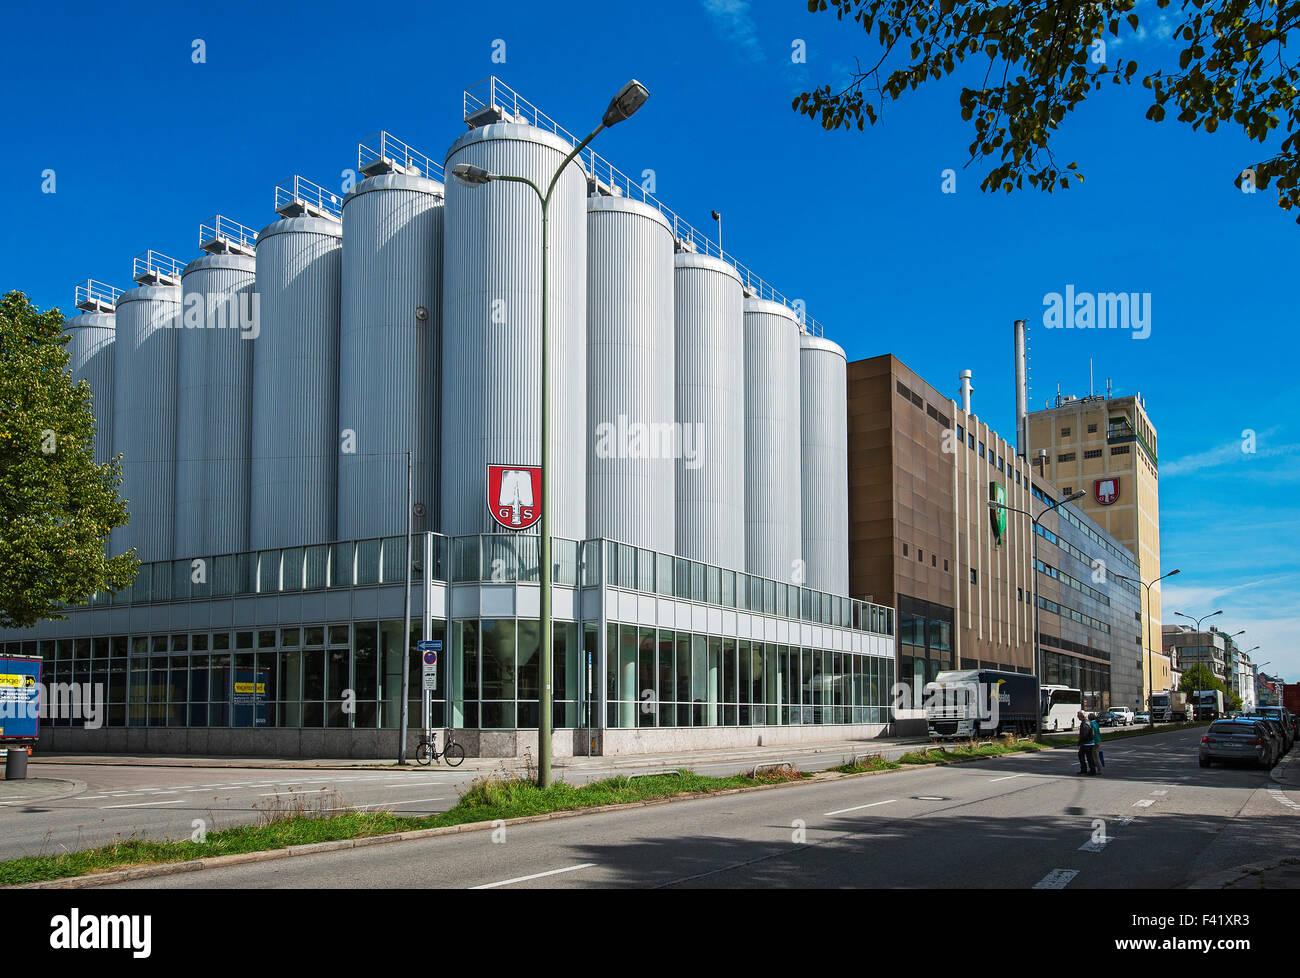 Brauerei Spaten und Löwenbräu, Anheuser-Busch, Füllung oder Flaschenabfüllanlagen, München, Stockbild